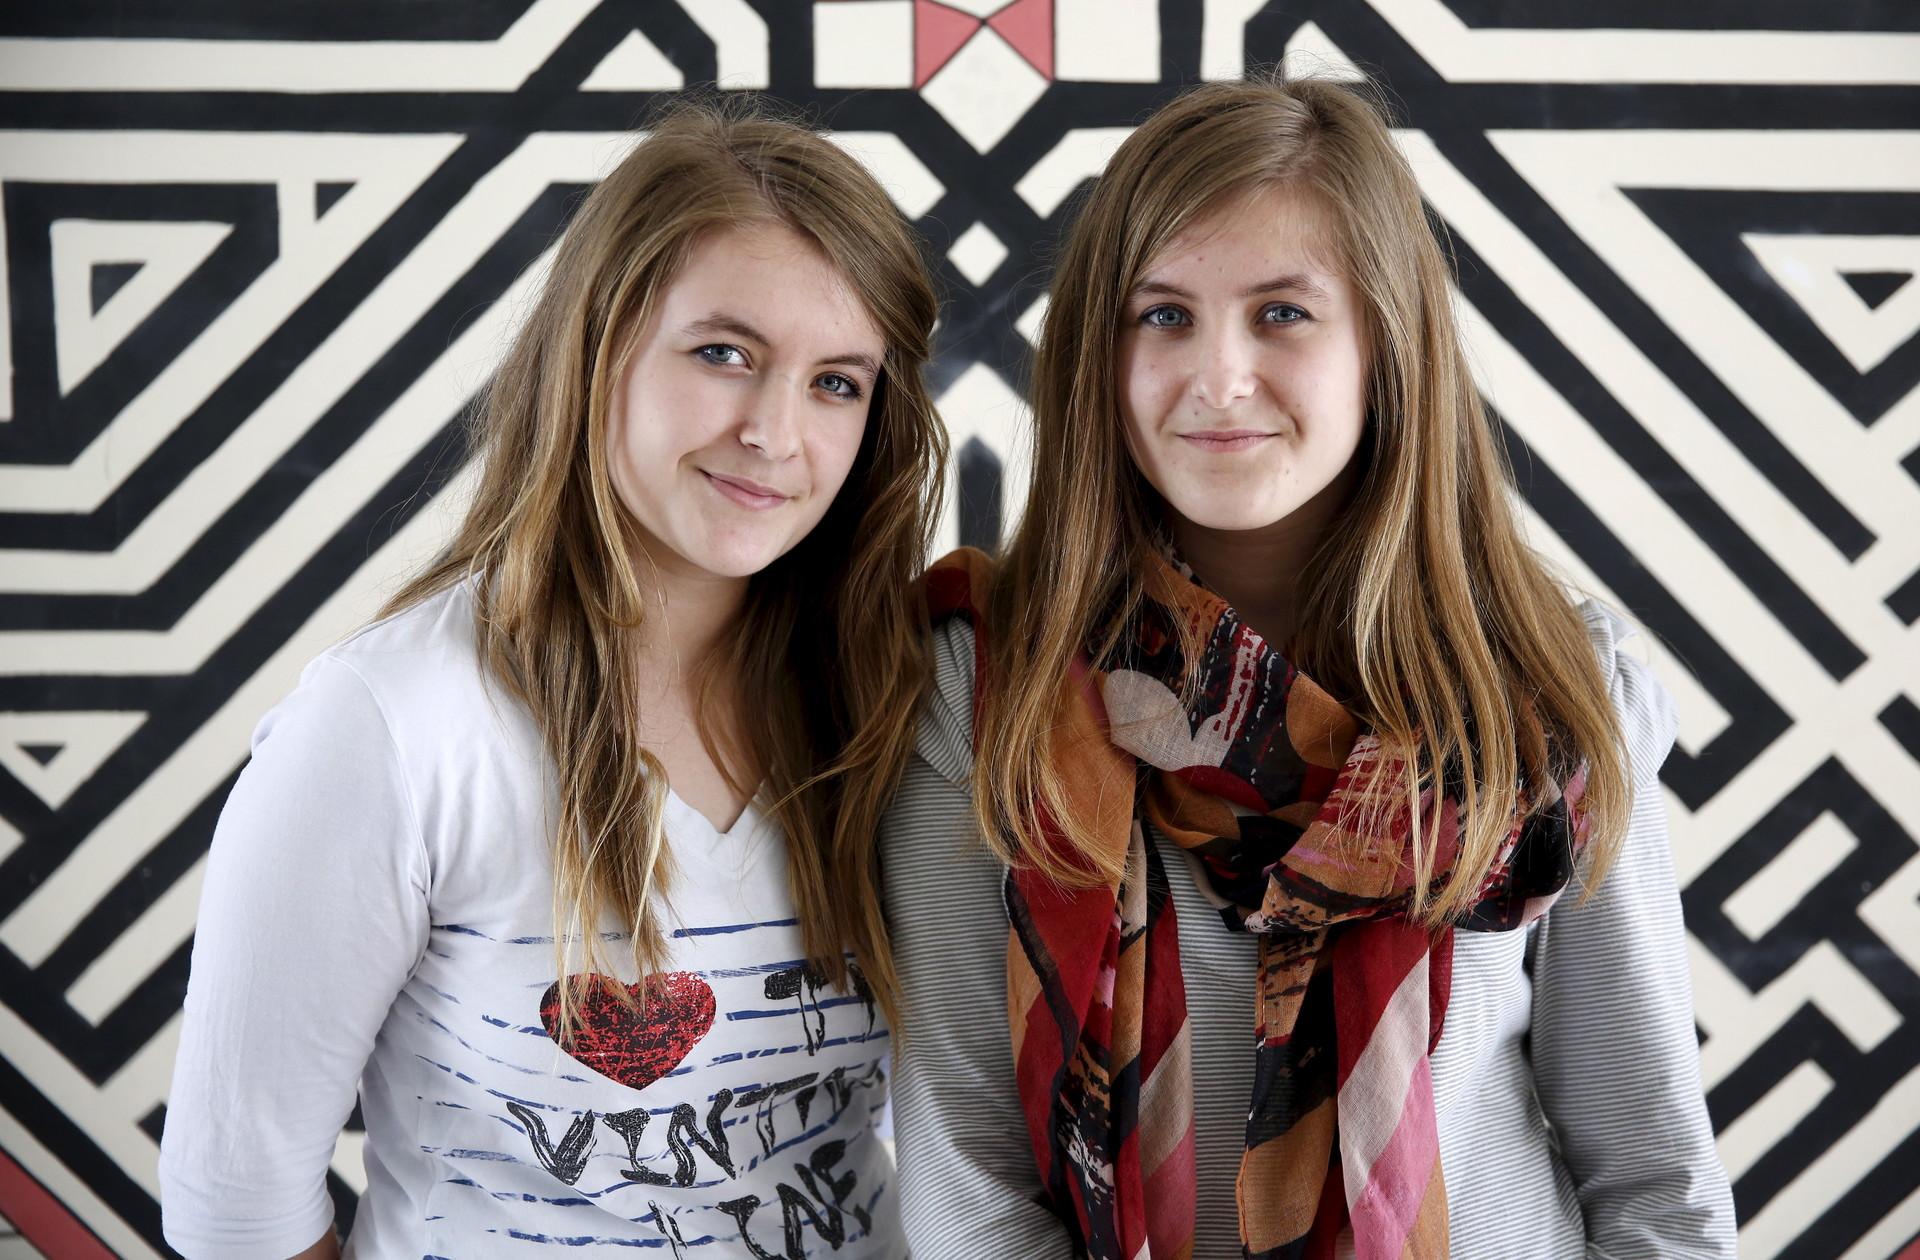 Dzenisa (derecho) y Merisa Kaukovic